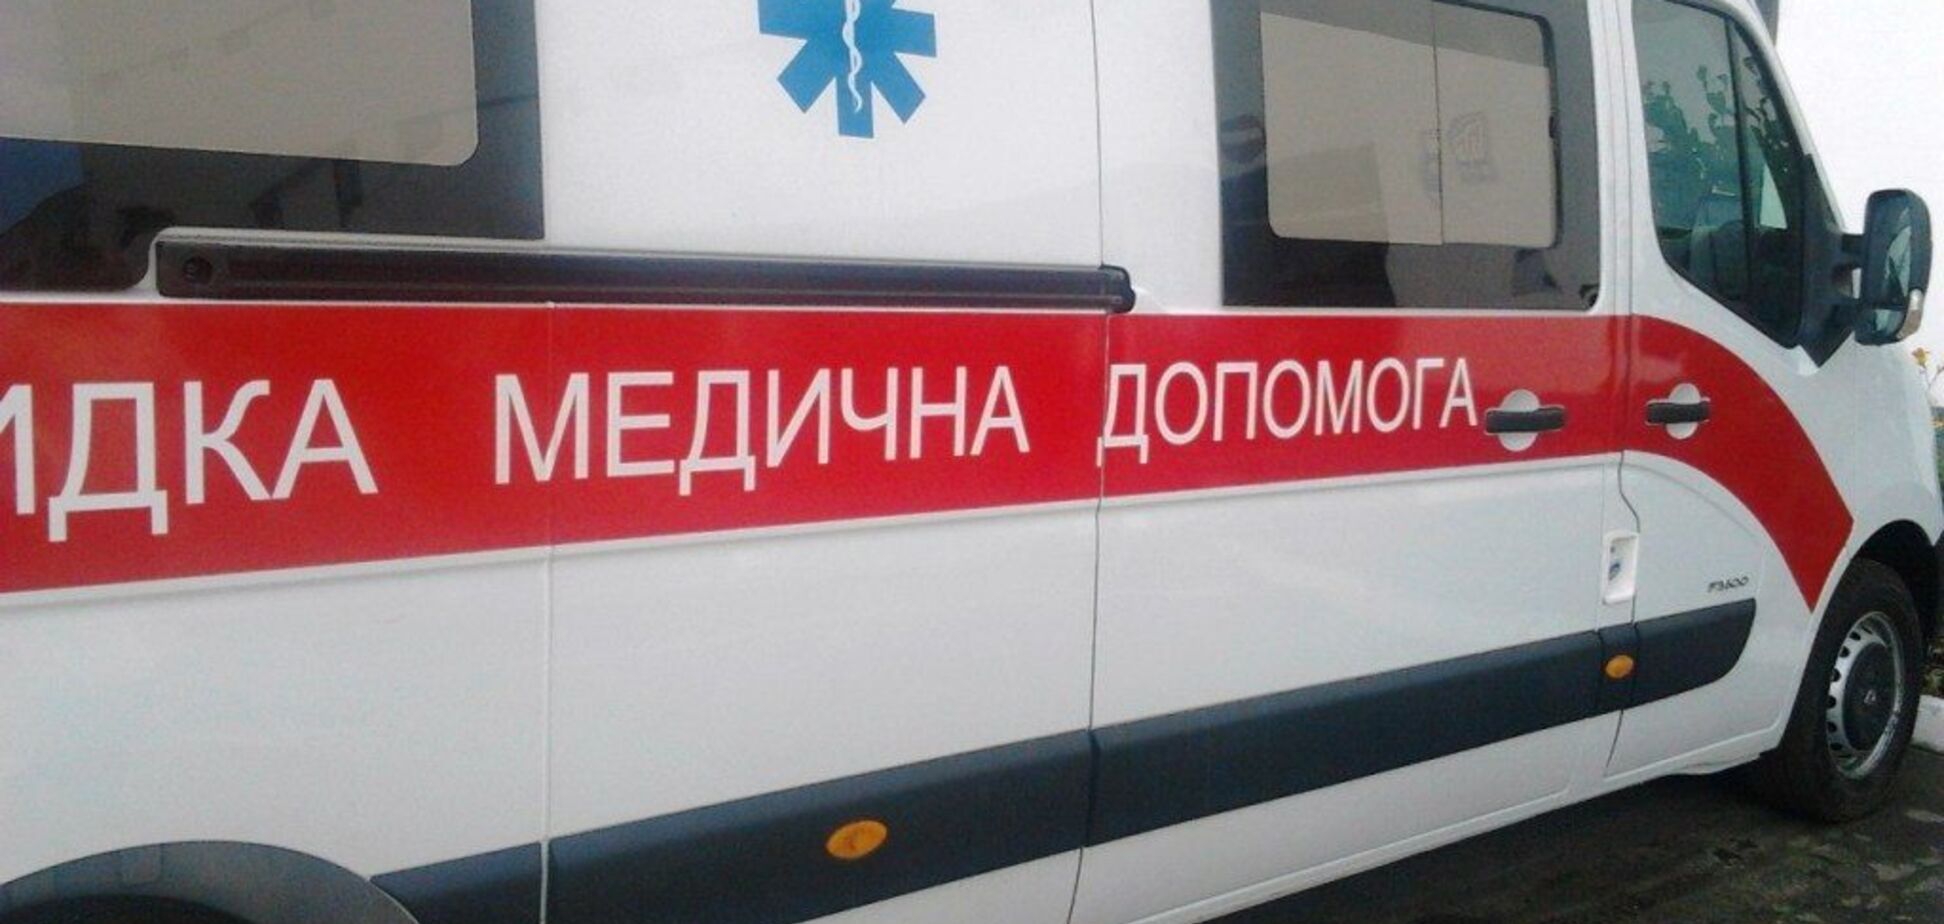 У Києві біля станції метро трапилася стрілянина: спливли несподівані подробиці